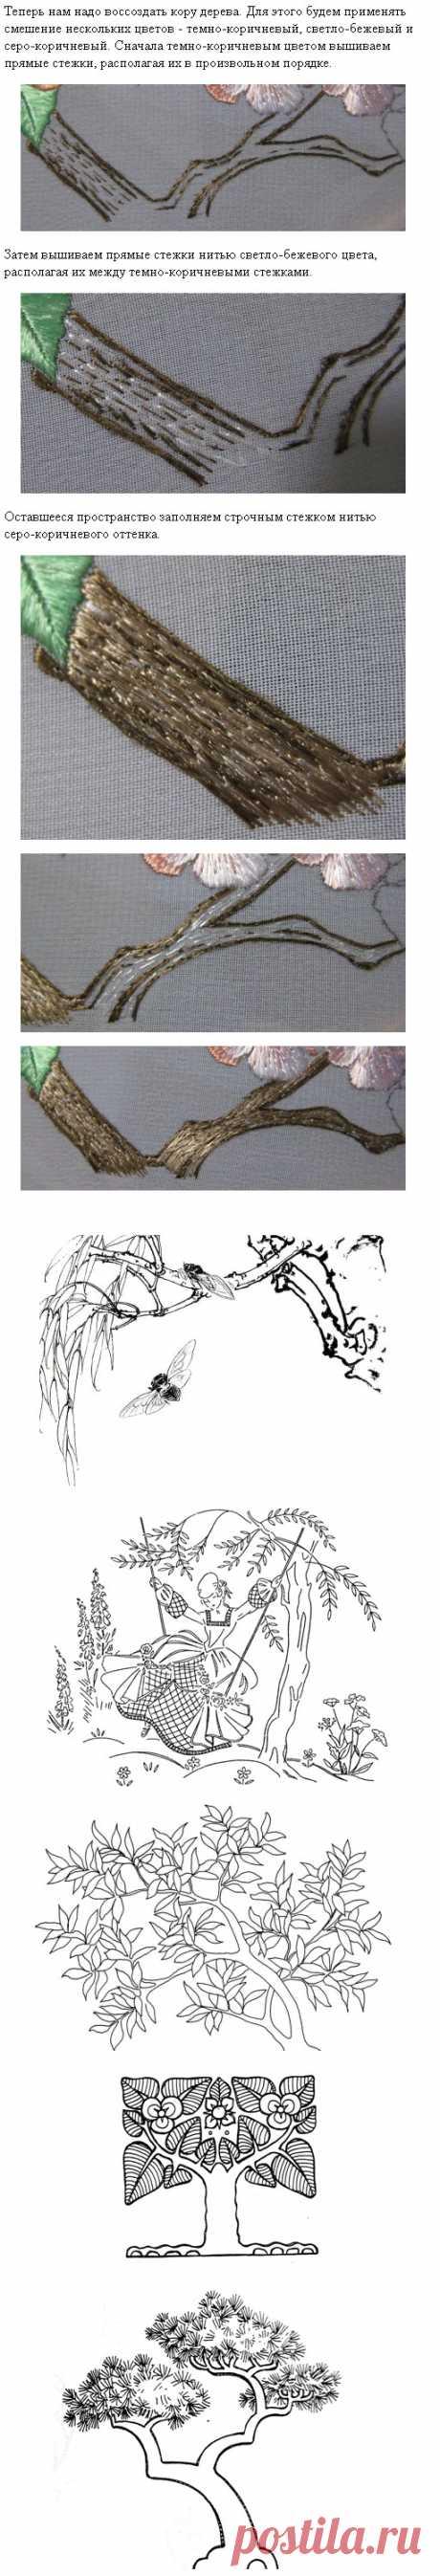 ВЫШИВКА ГЛАДЬЮ | Бесплатные Схемы и рисунки для начинающих | Цветы,как вышить цветьк гладью